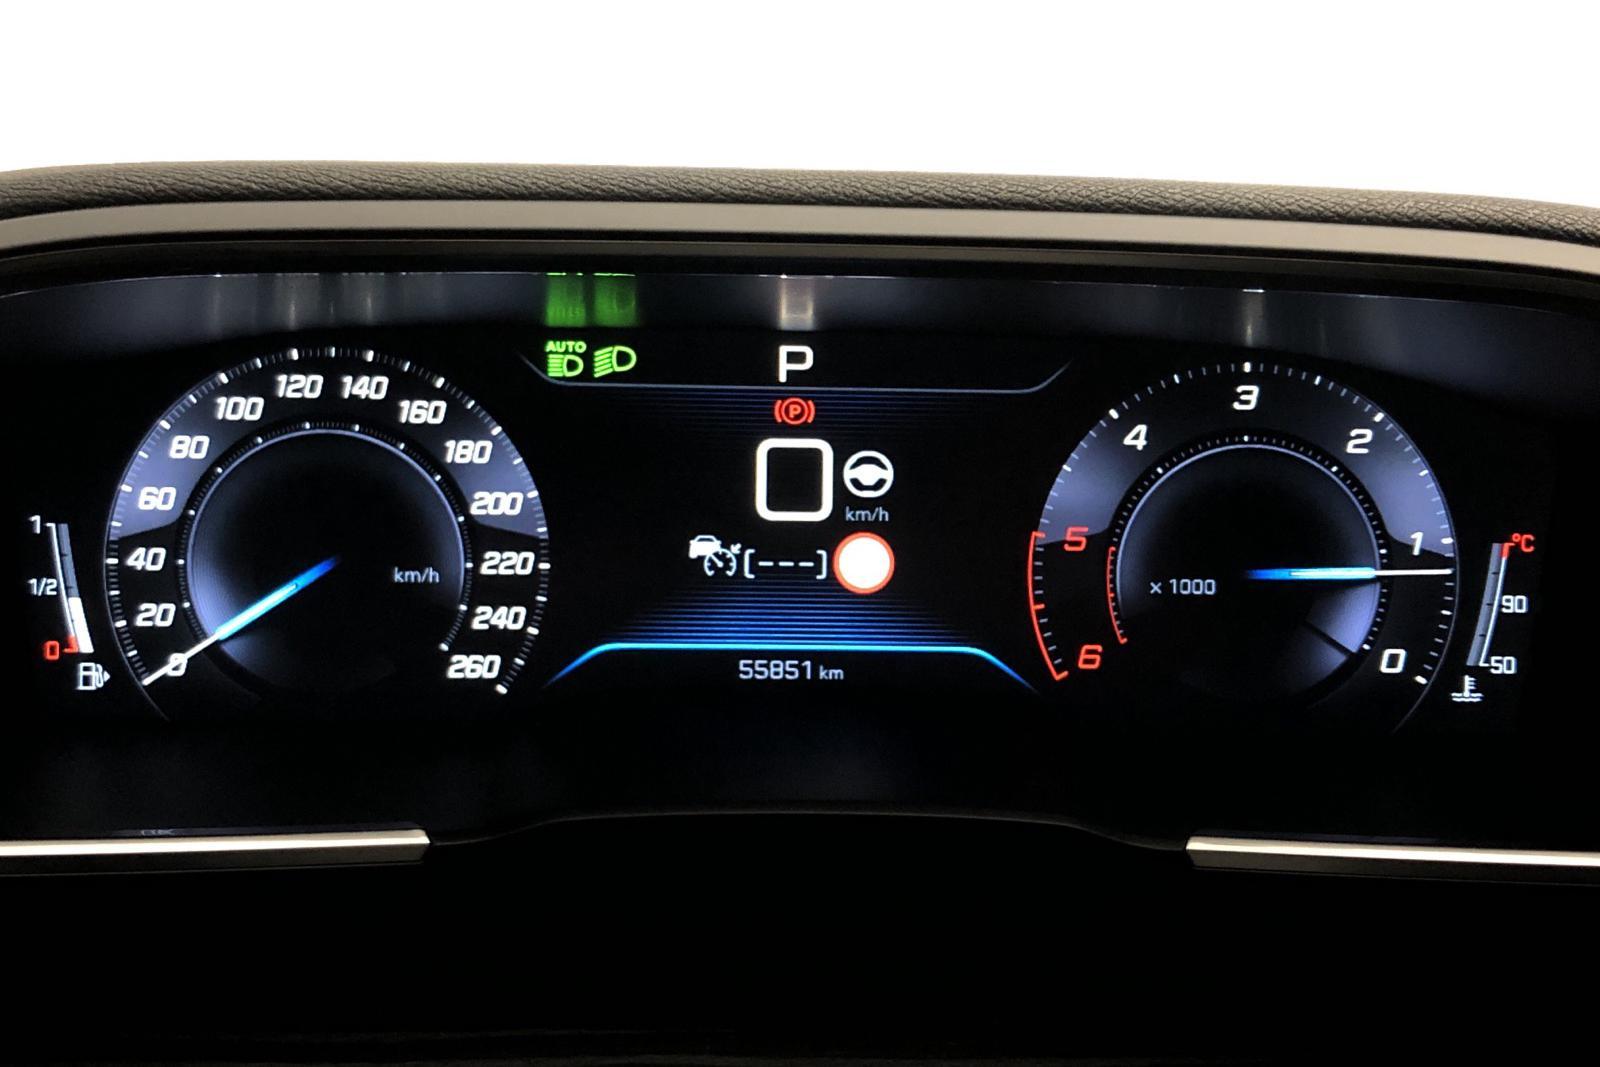 Peugeot 508 2.0 BlueHDi 5dr (180hk) - 55 840 km - Automatic - black - 2019